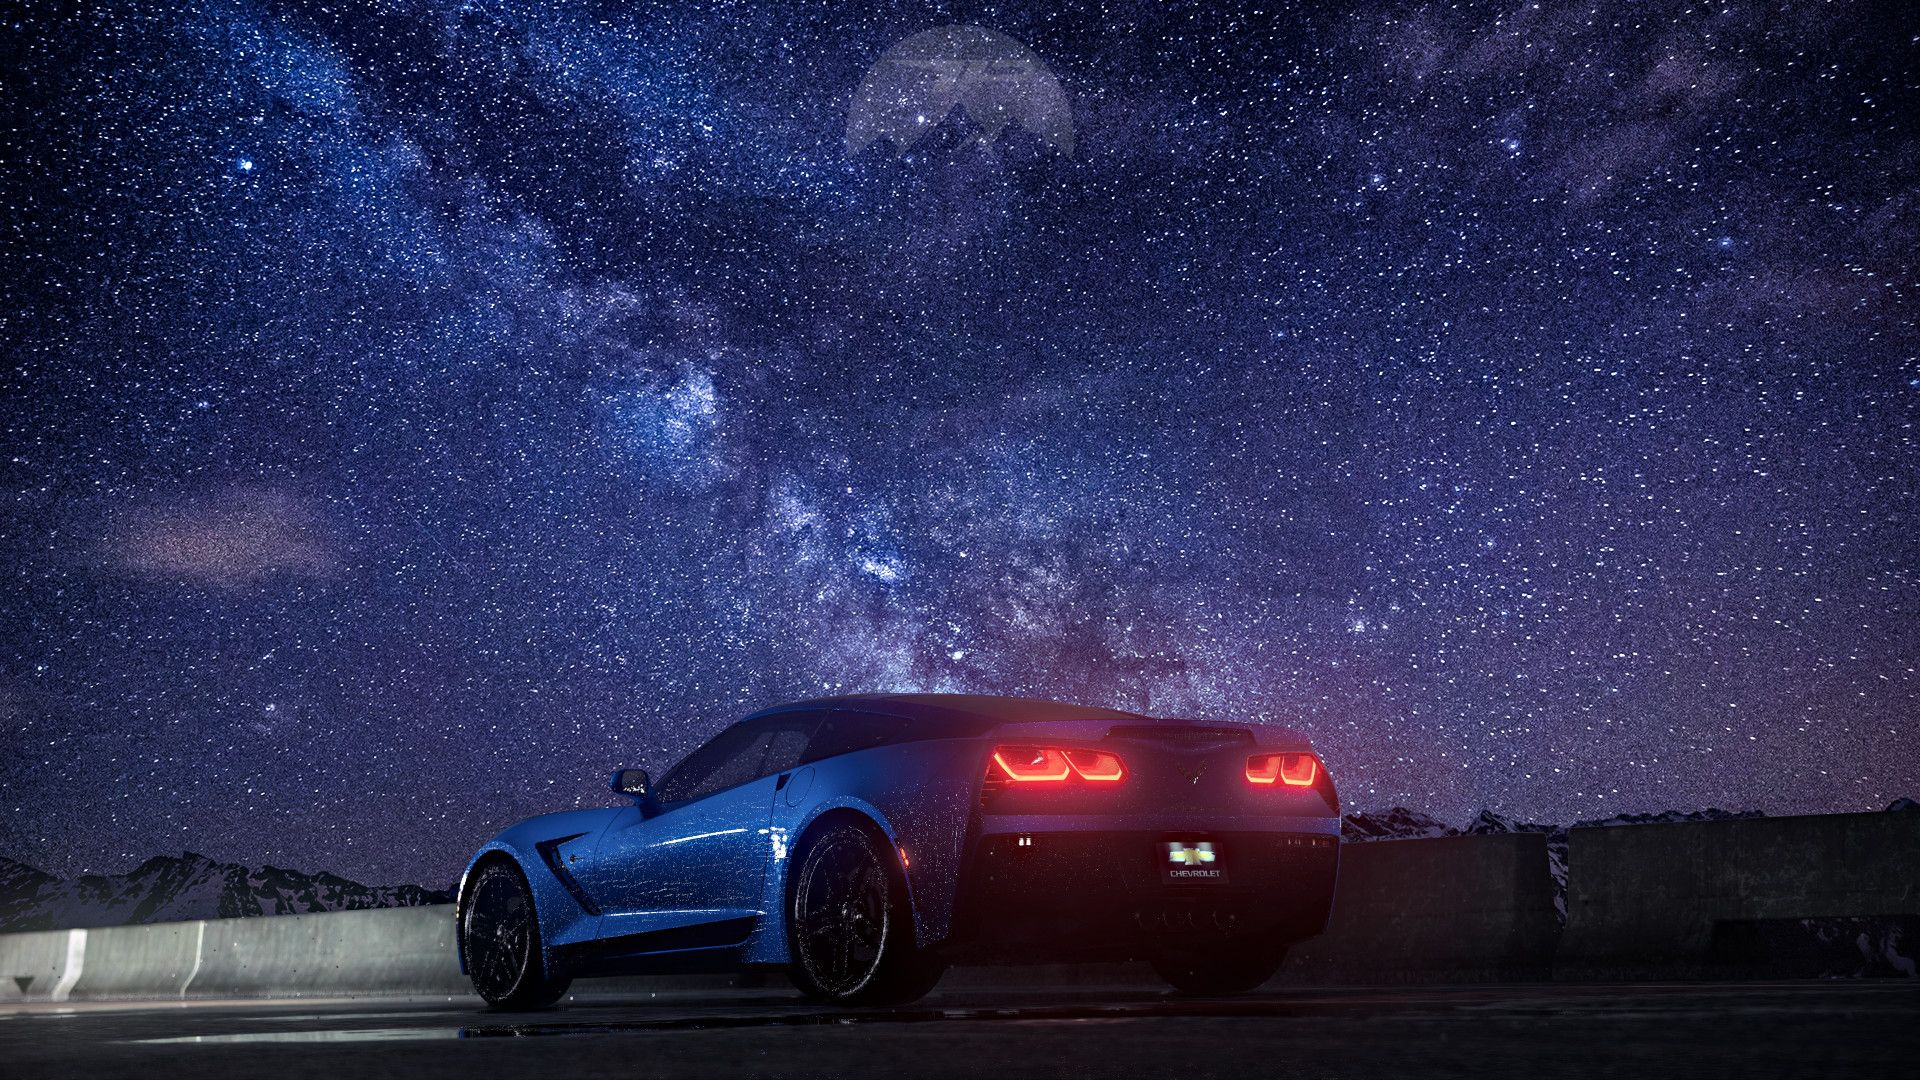 ArtStation Chevrolet Corvette Nikita Fedyanin